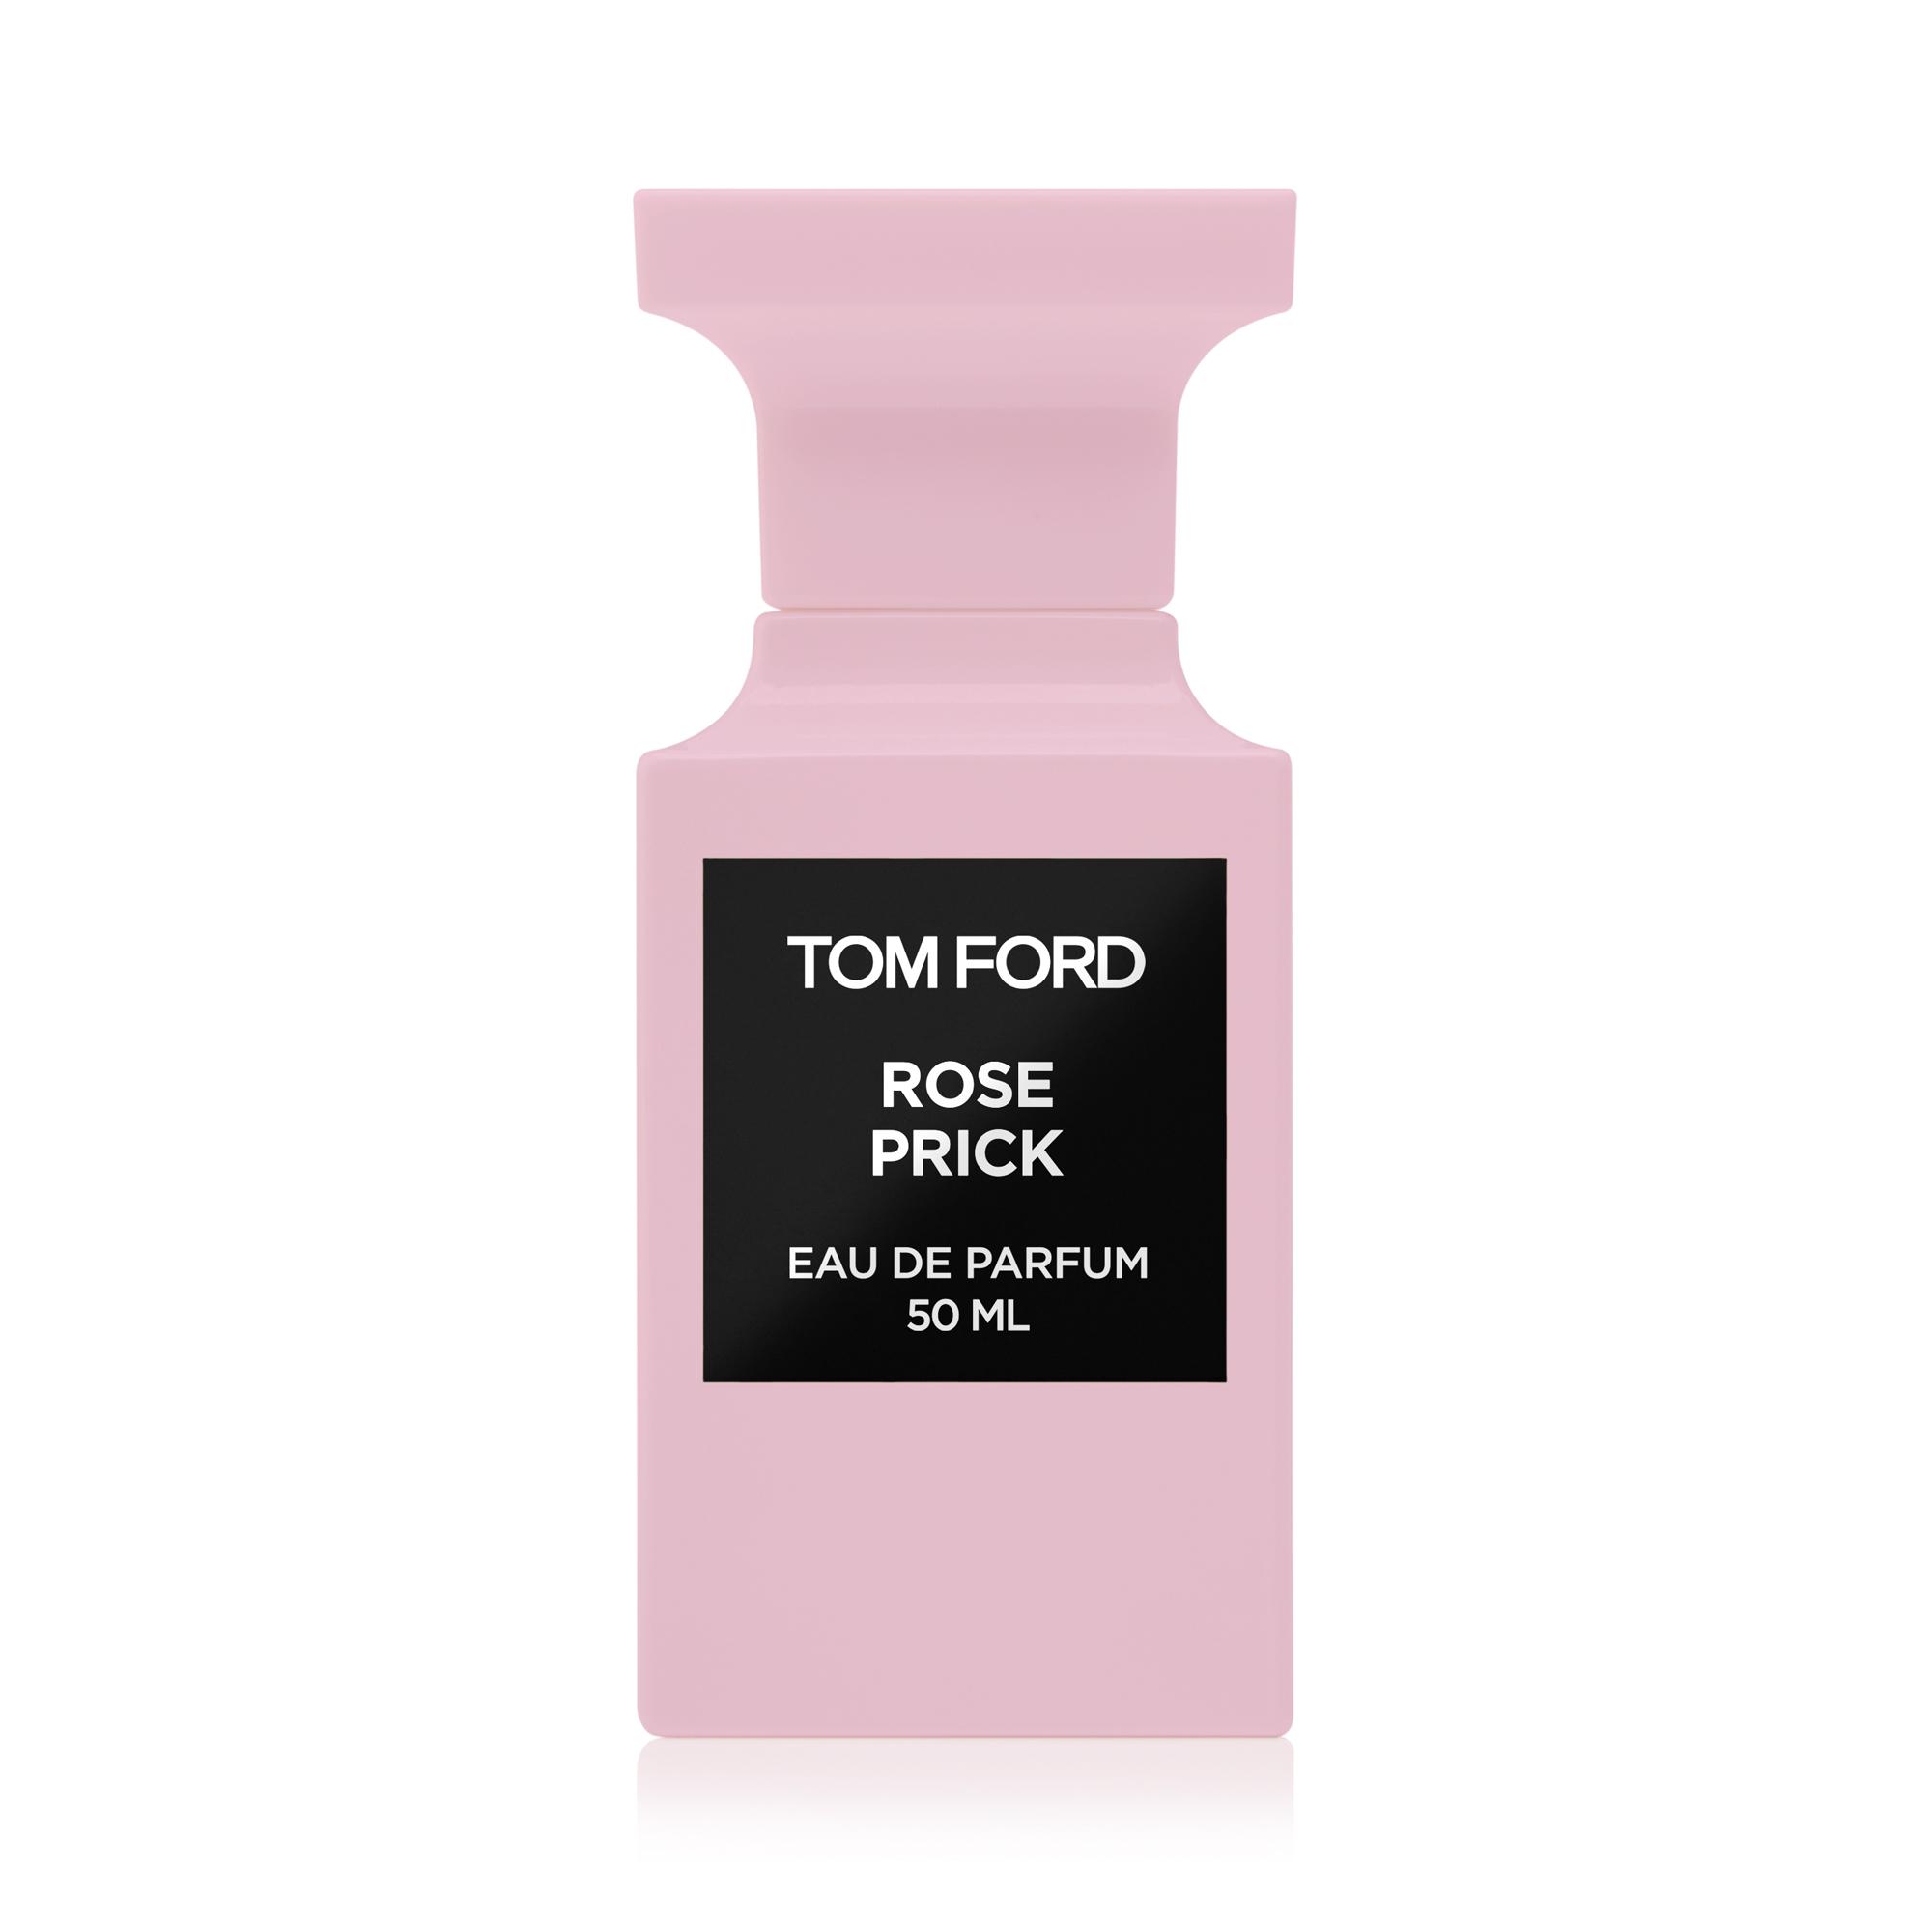 perfume, regalos para san valetin, tom ford